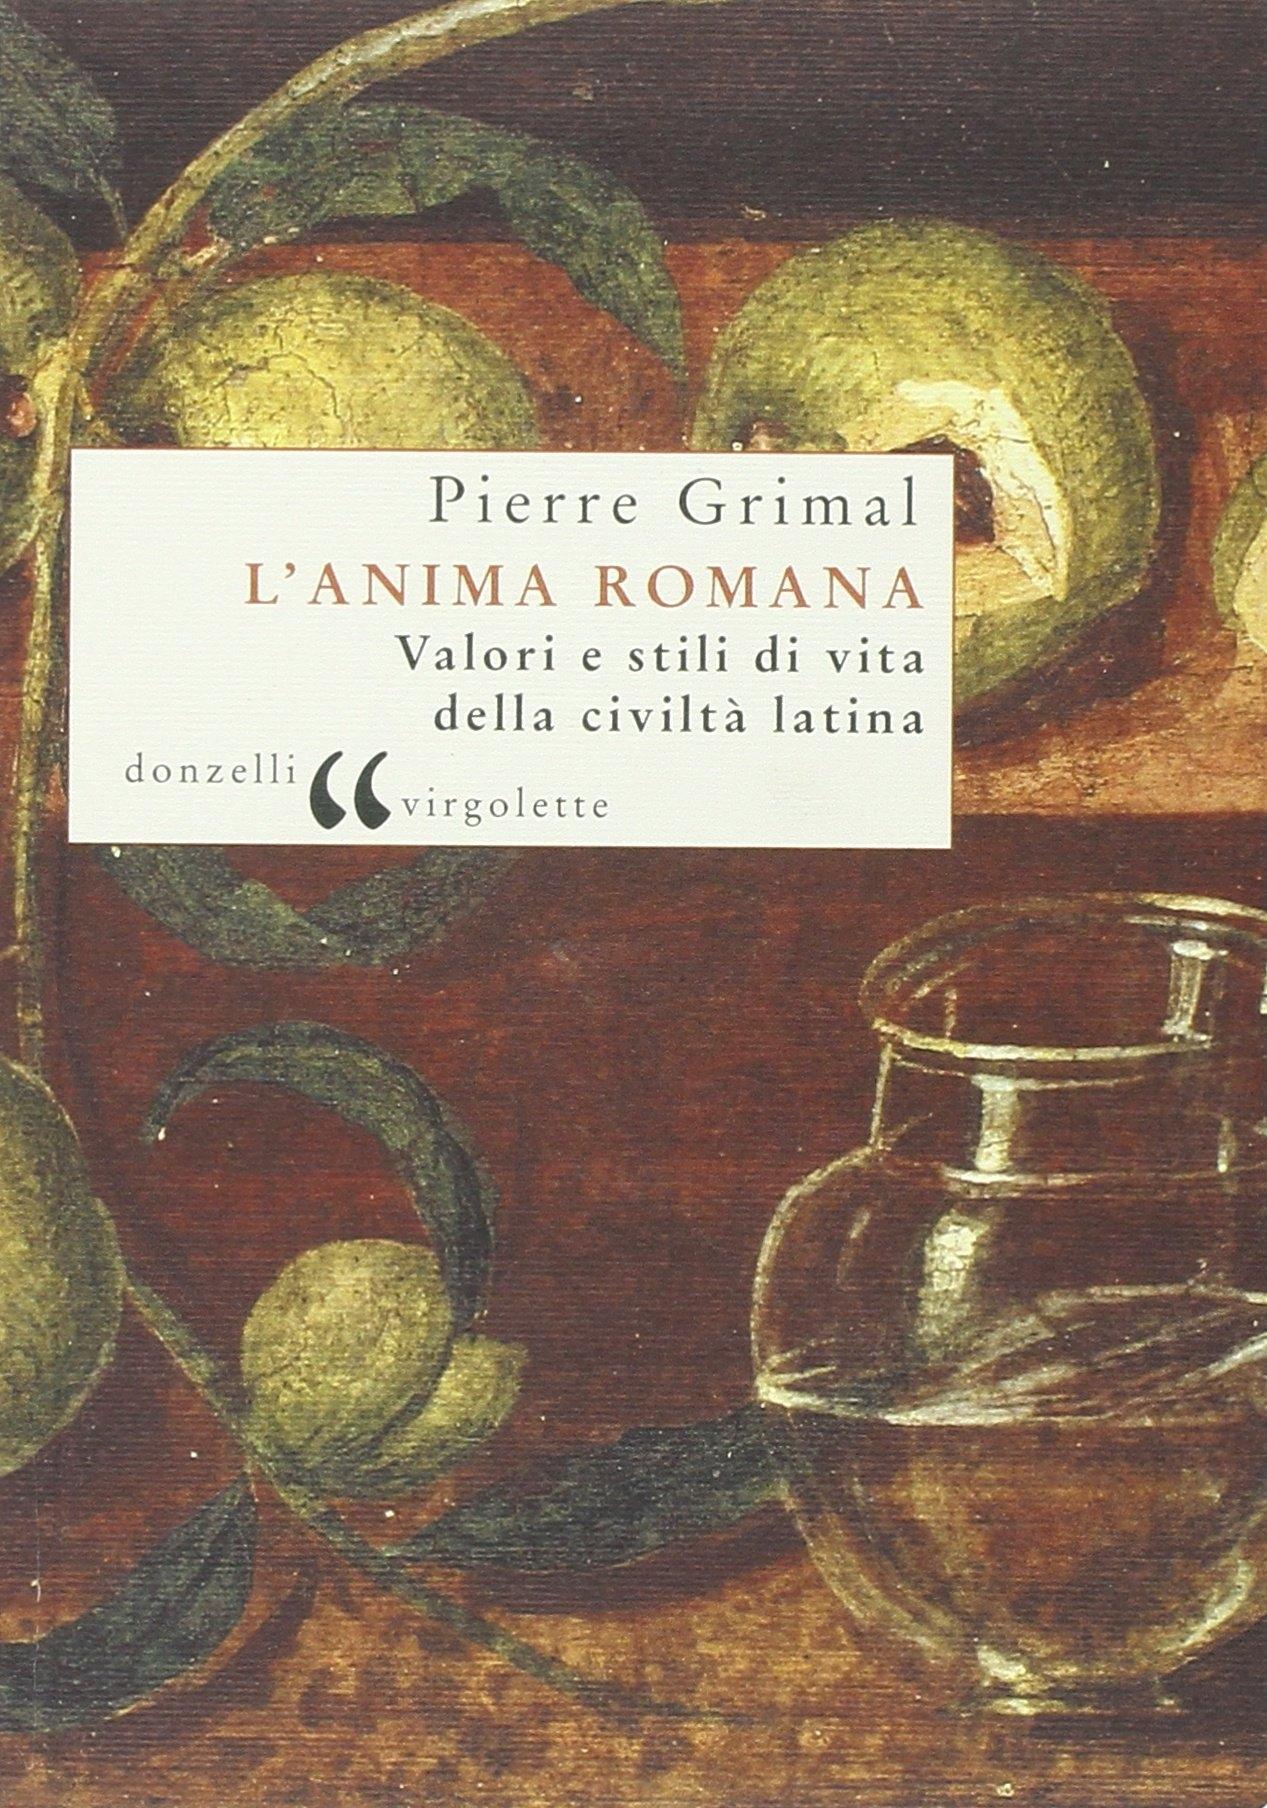 L'anima romana. Valori e stili di vita della civiltà latina